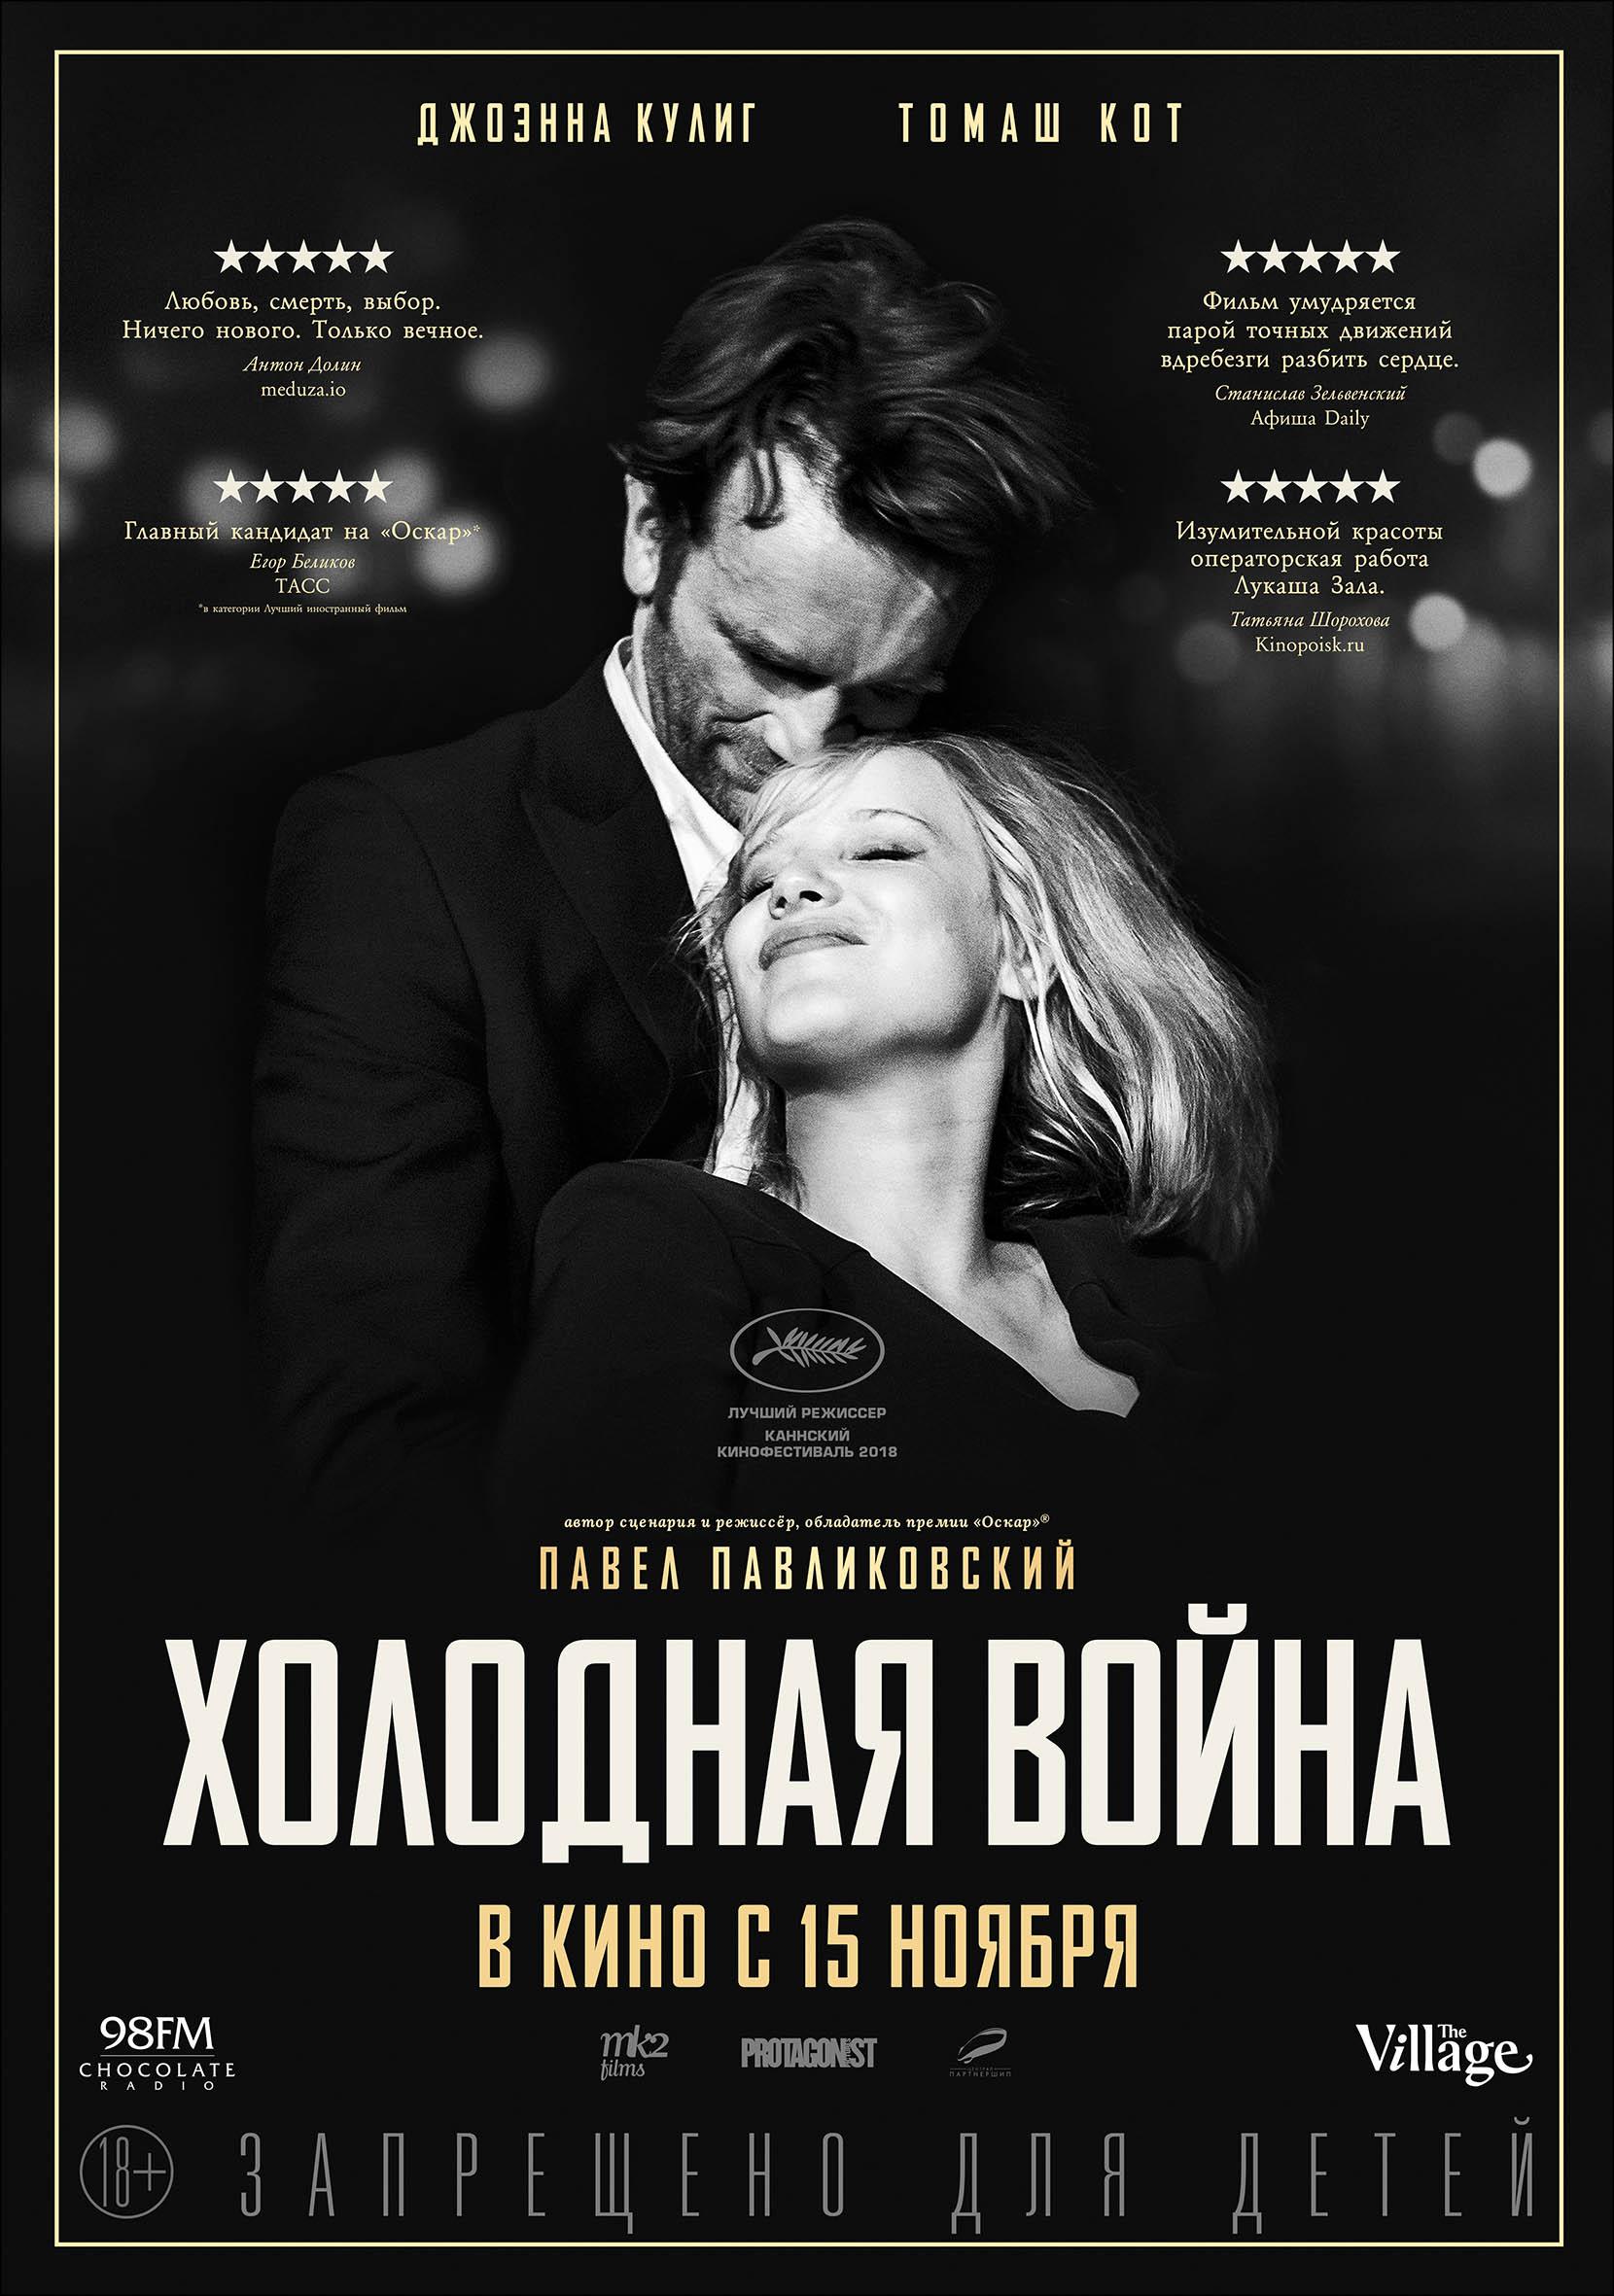 Секс по дружбе кино калининград